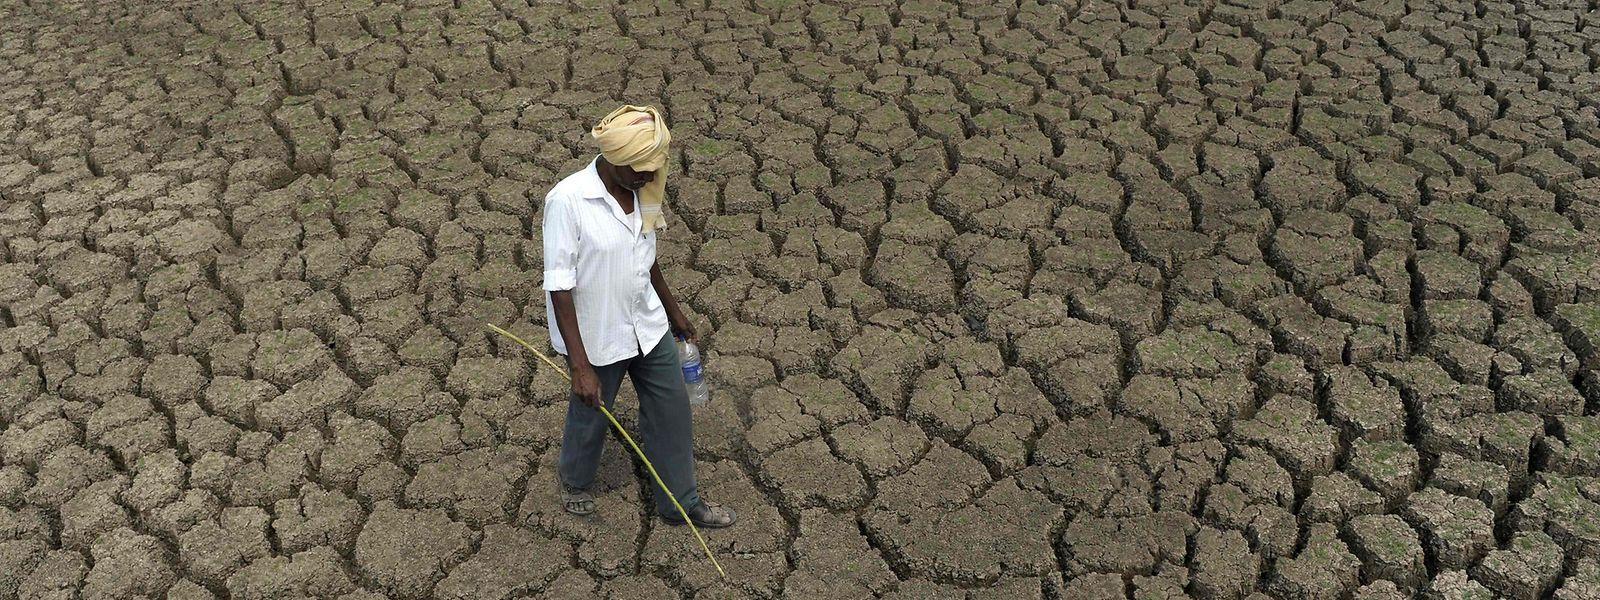 Dürre und Hungerkatastrophen drohen in weiten Teilen der Erde.